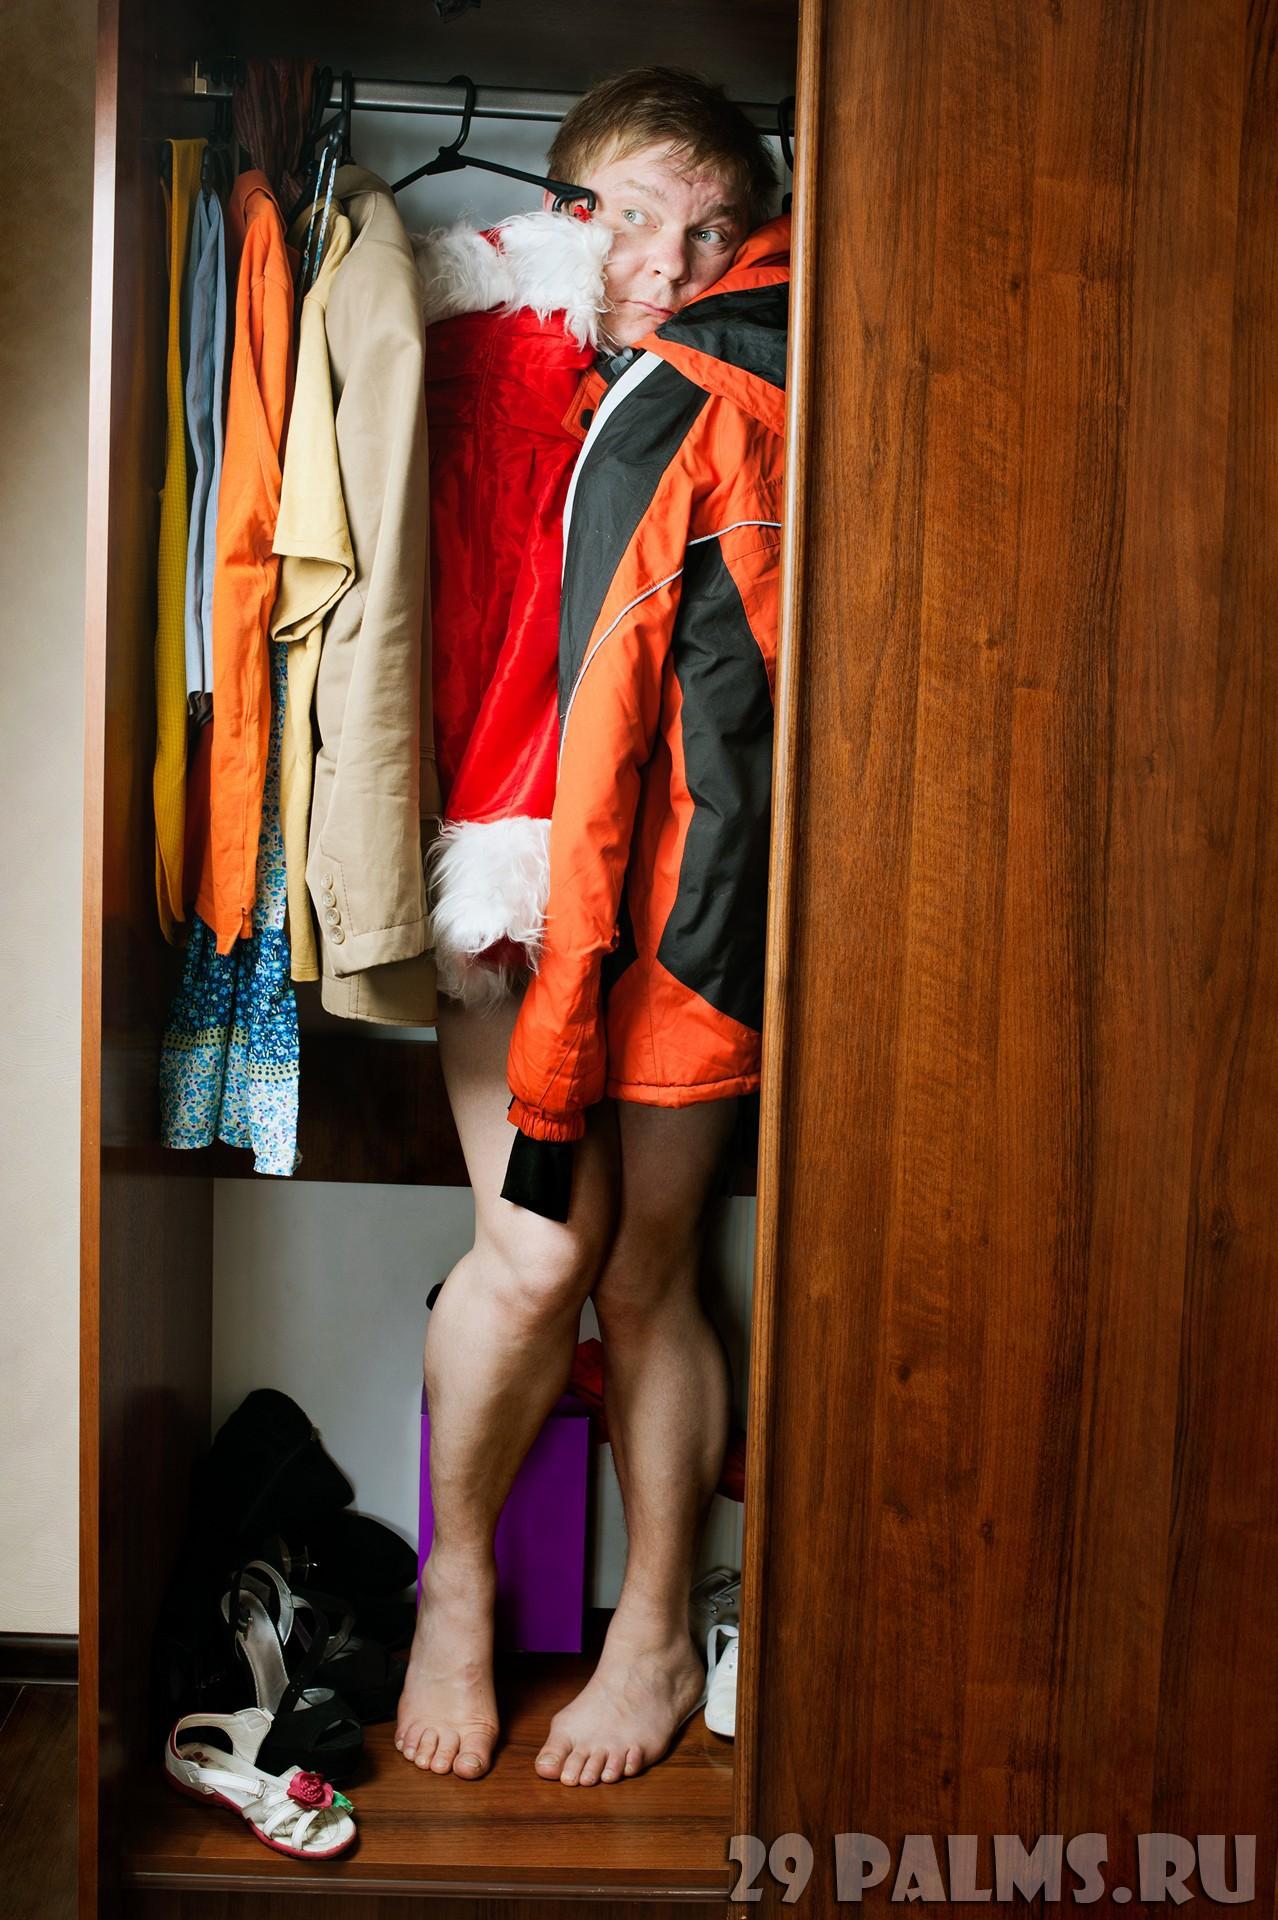 очень парень прятался в шкафу когда девушка с короткой стрижкой мямлить говорить косноязычить